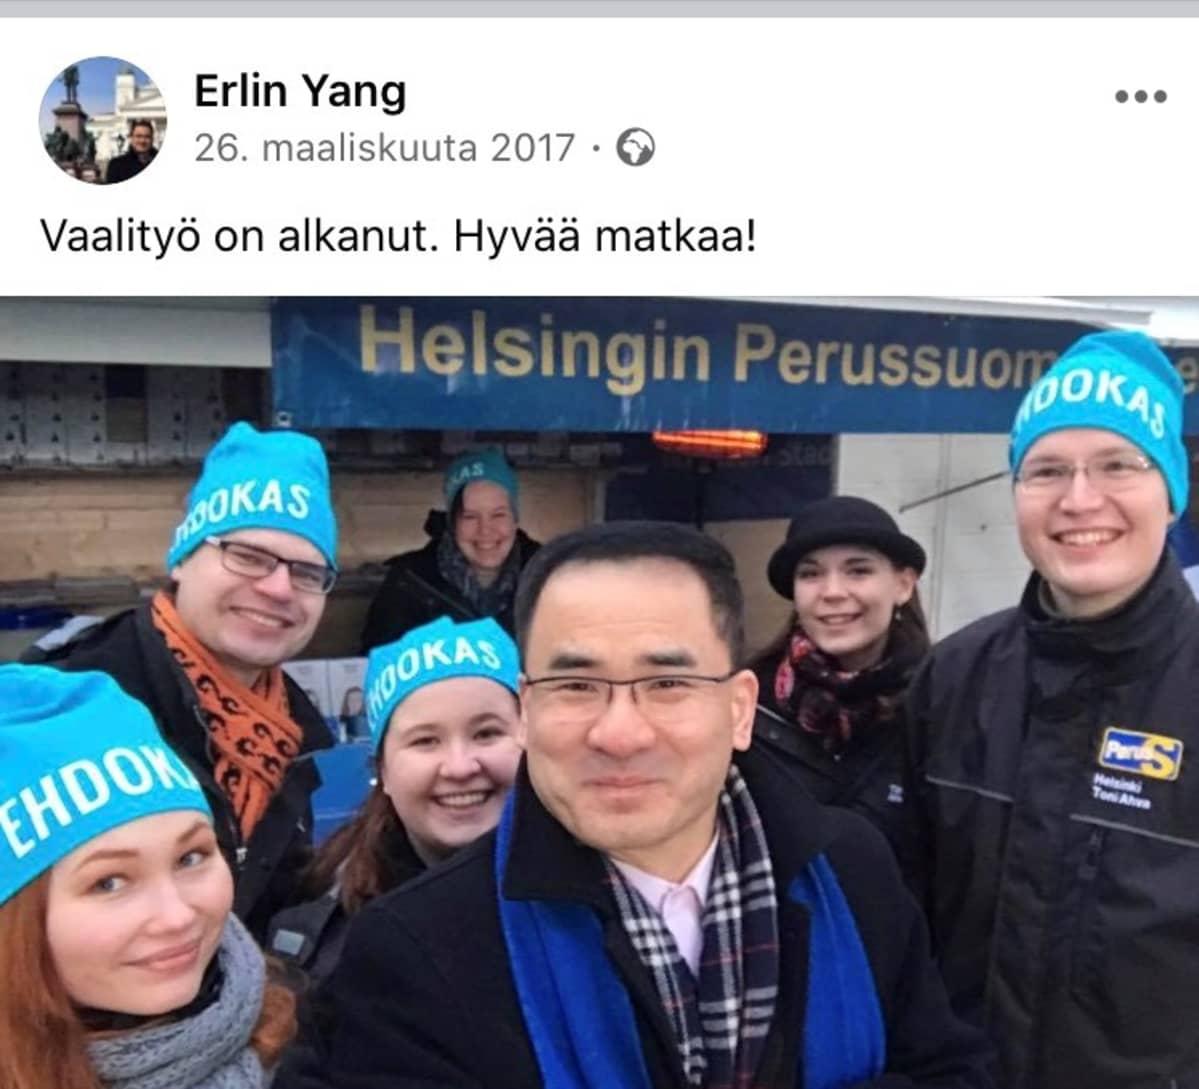 Erlin Yang perussuomalaisten vaalikojulla maaliskuussa 2017.